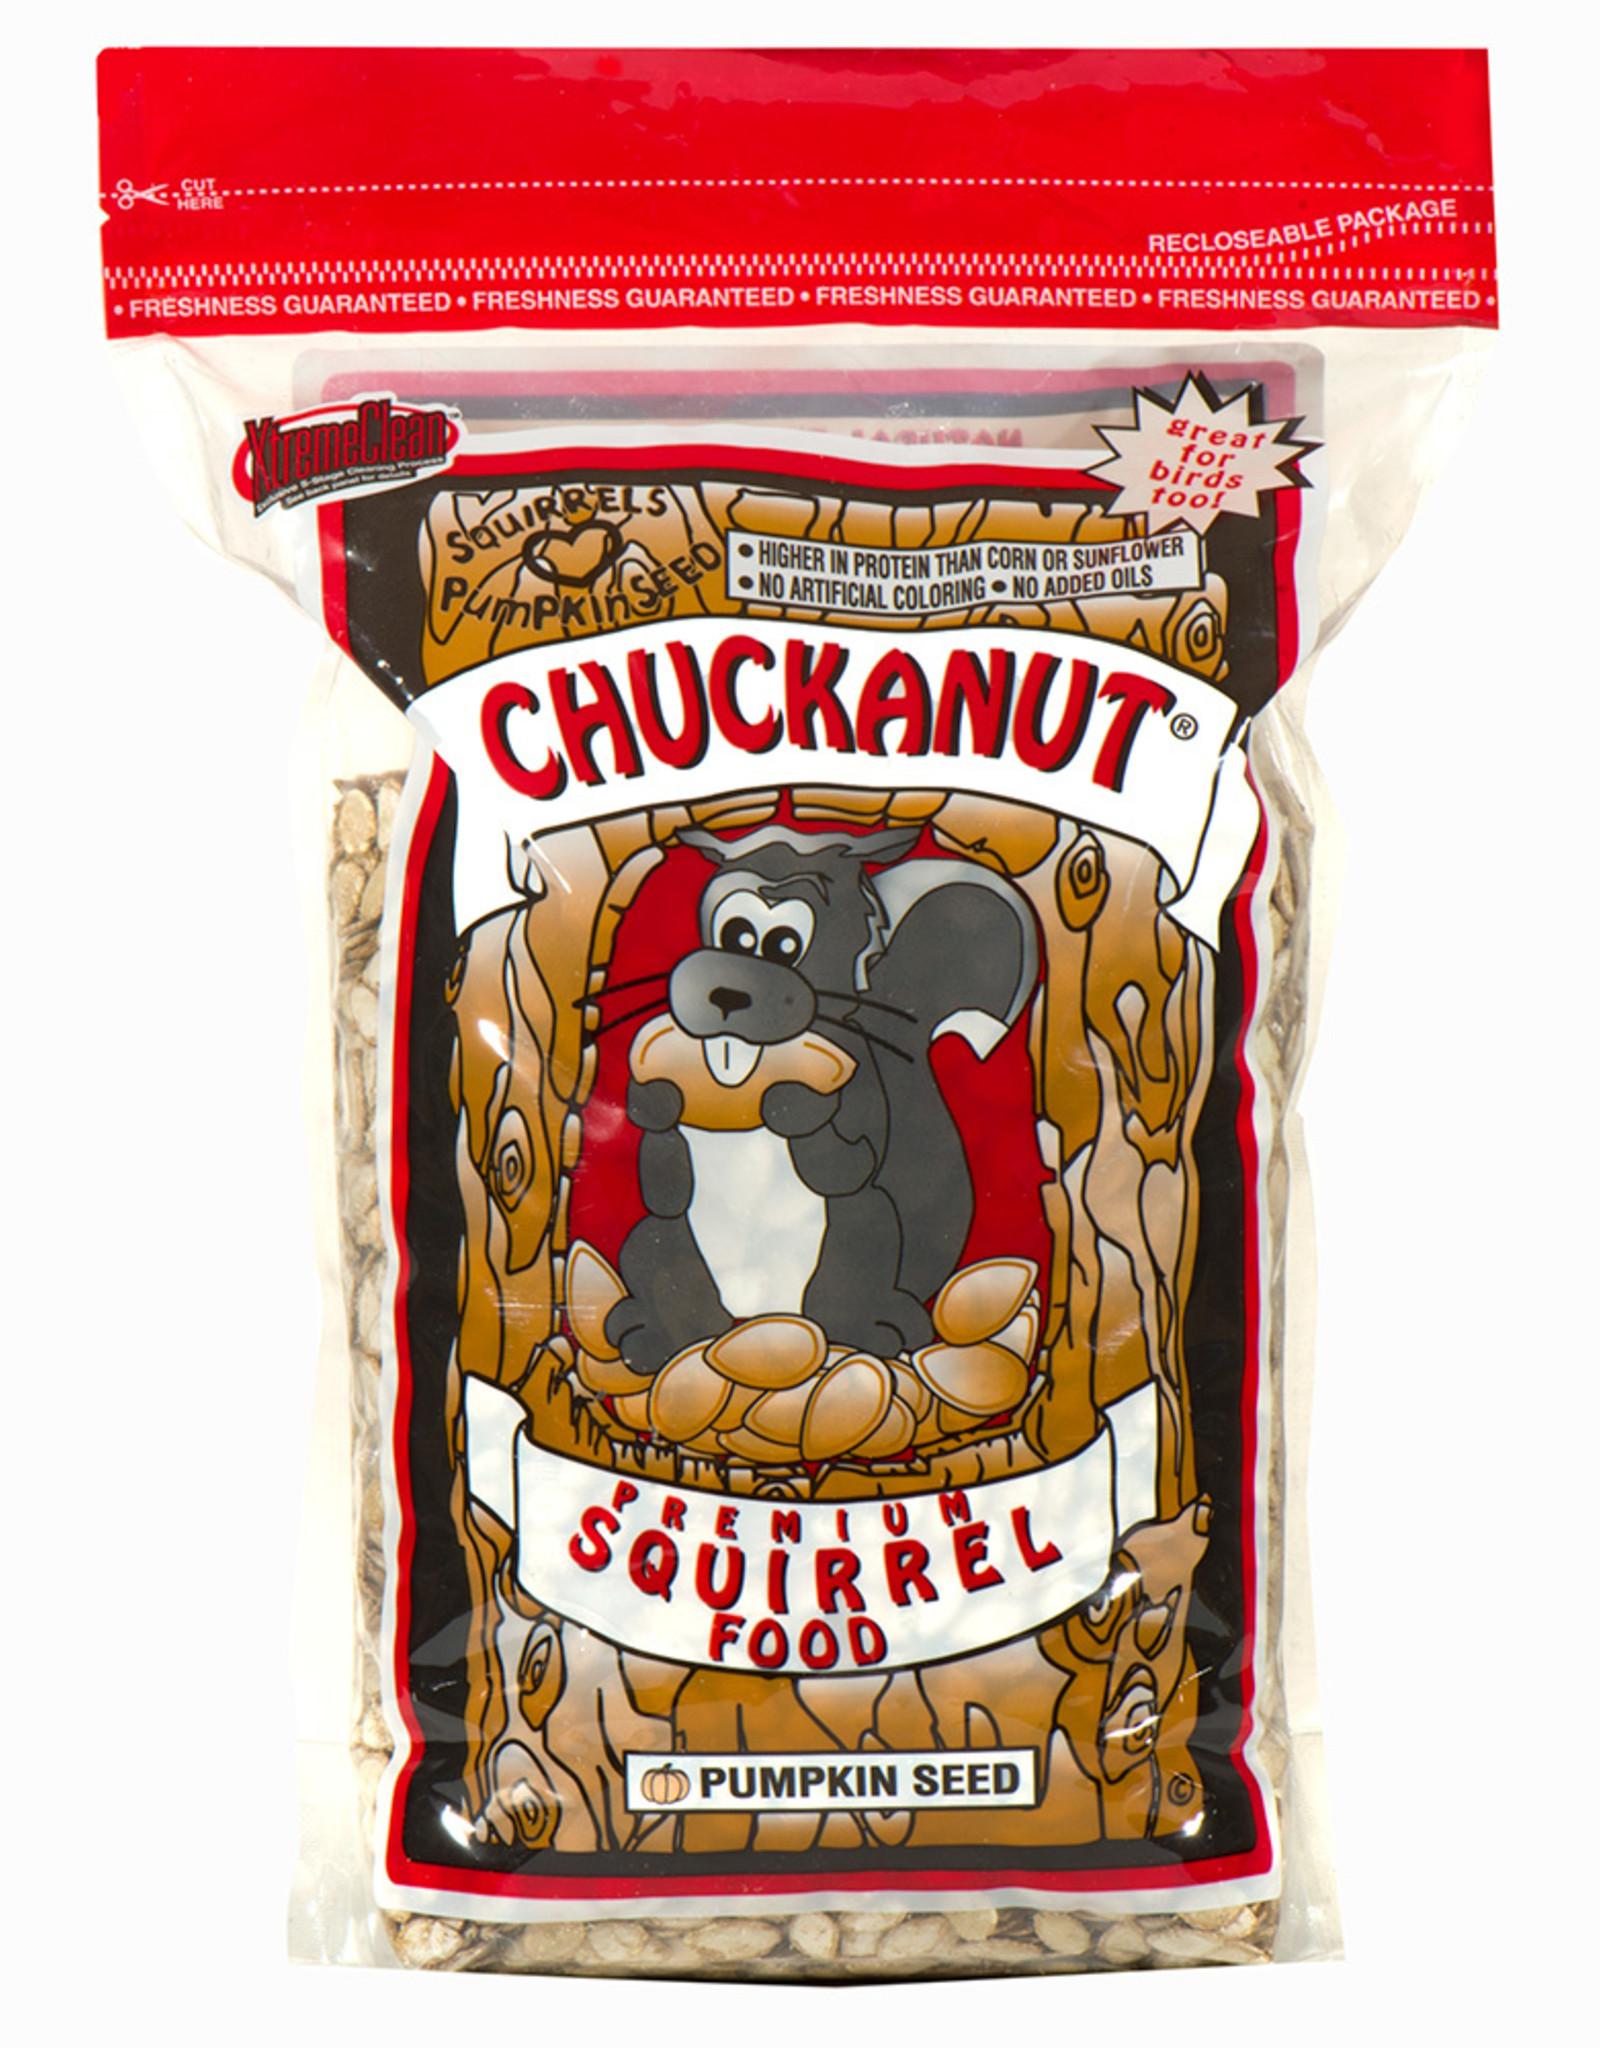 CHUCK-A-NUT CHUCKANUT 3# SQUIRREL PREMIUM DIET